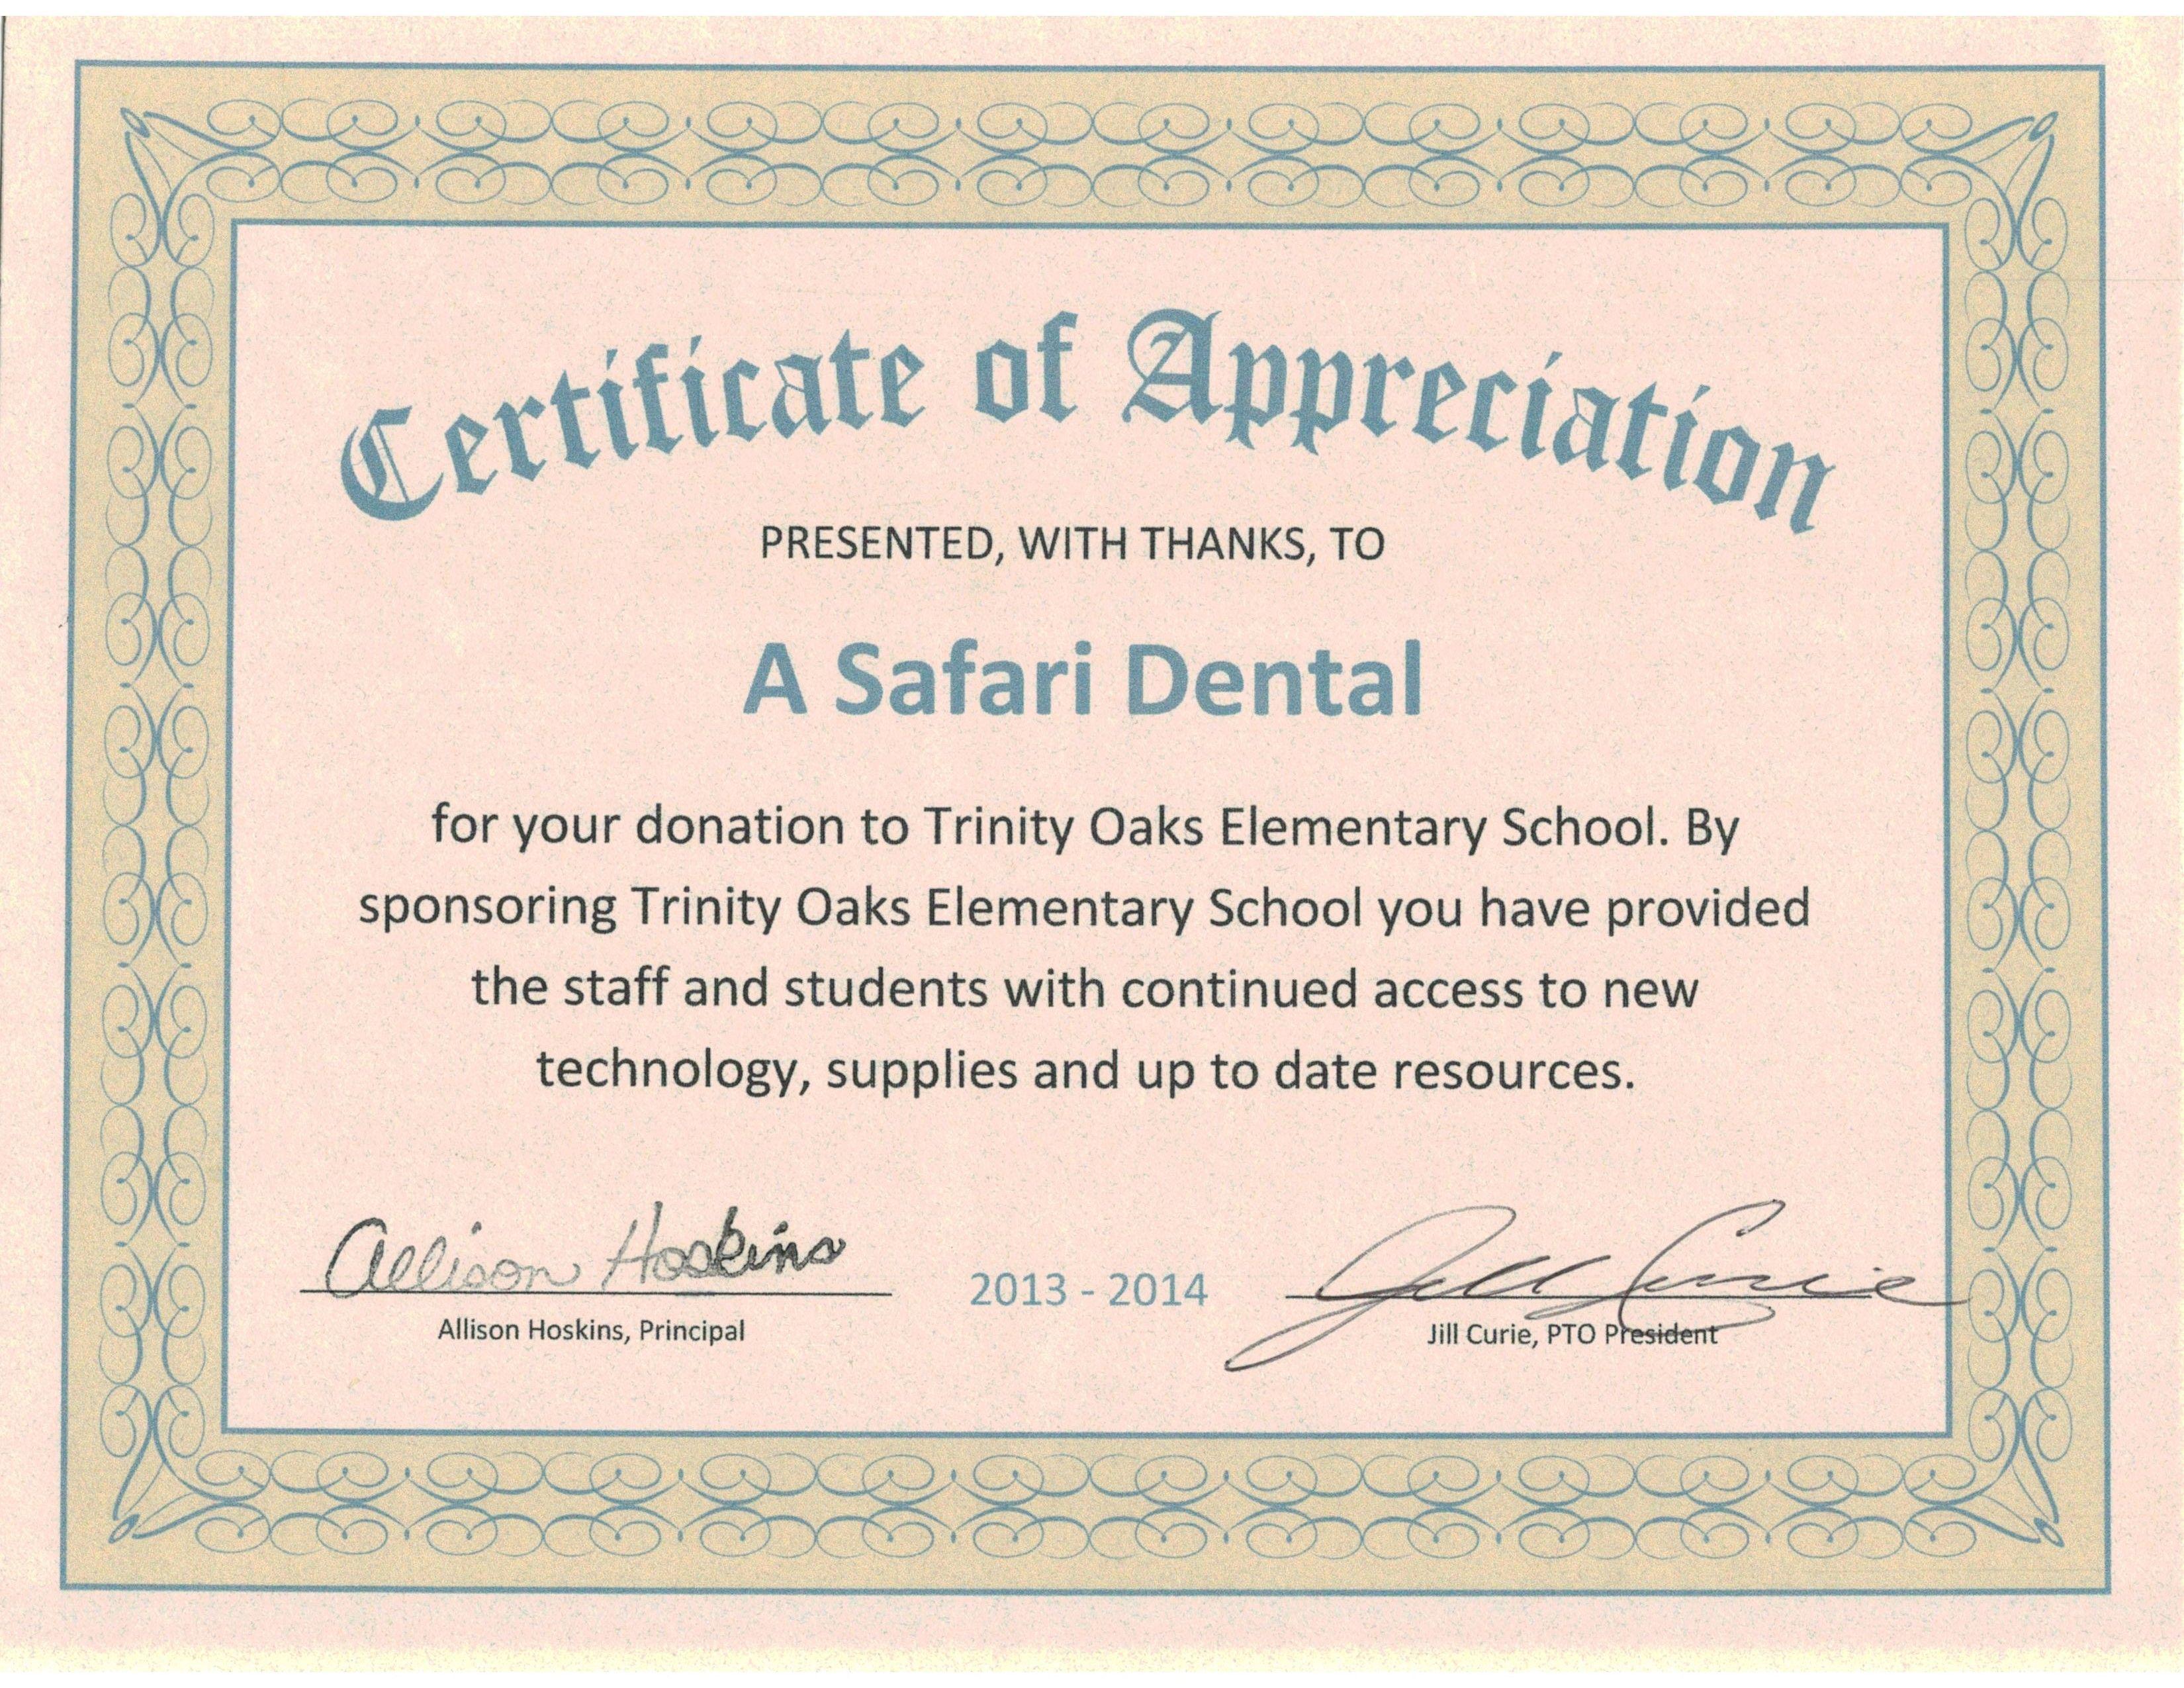 Certificate Of Appreciation From Trinity Oaks Elementary School For